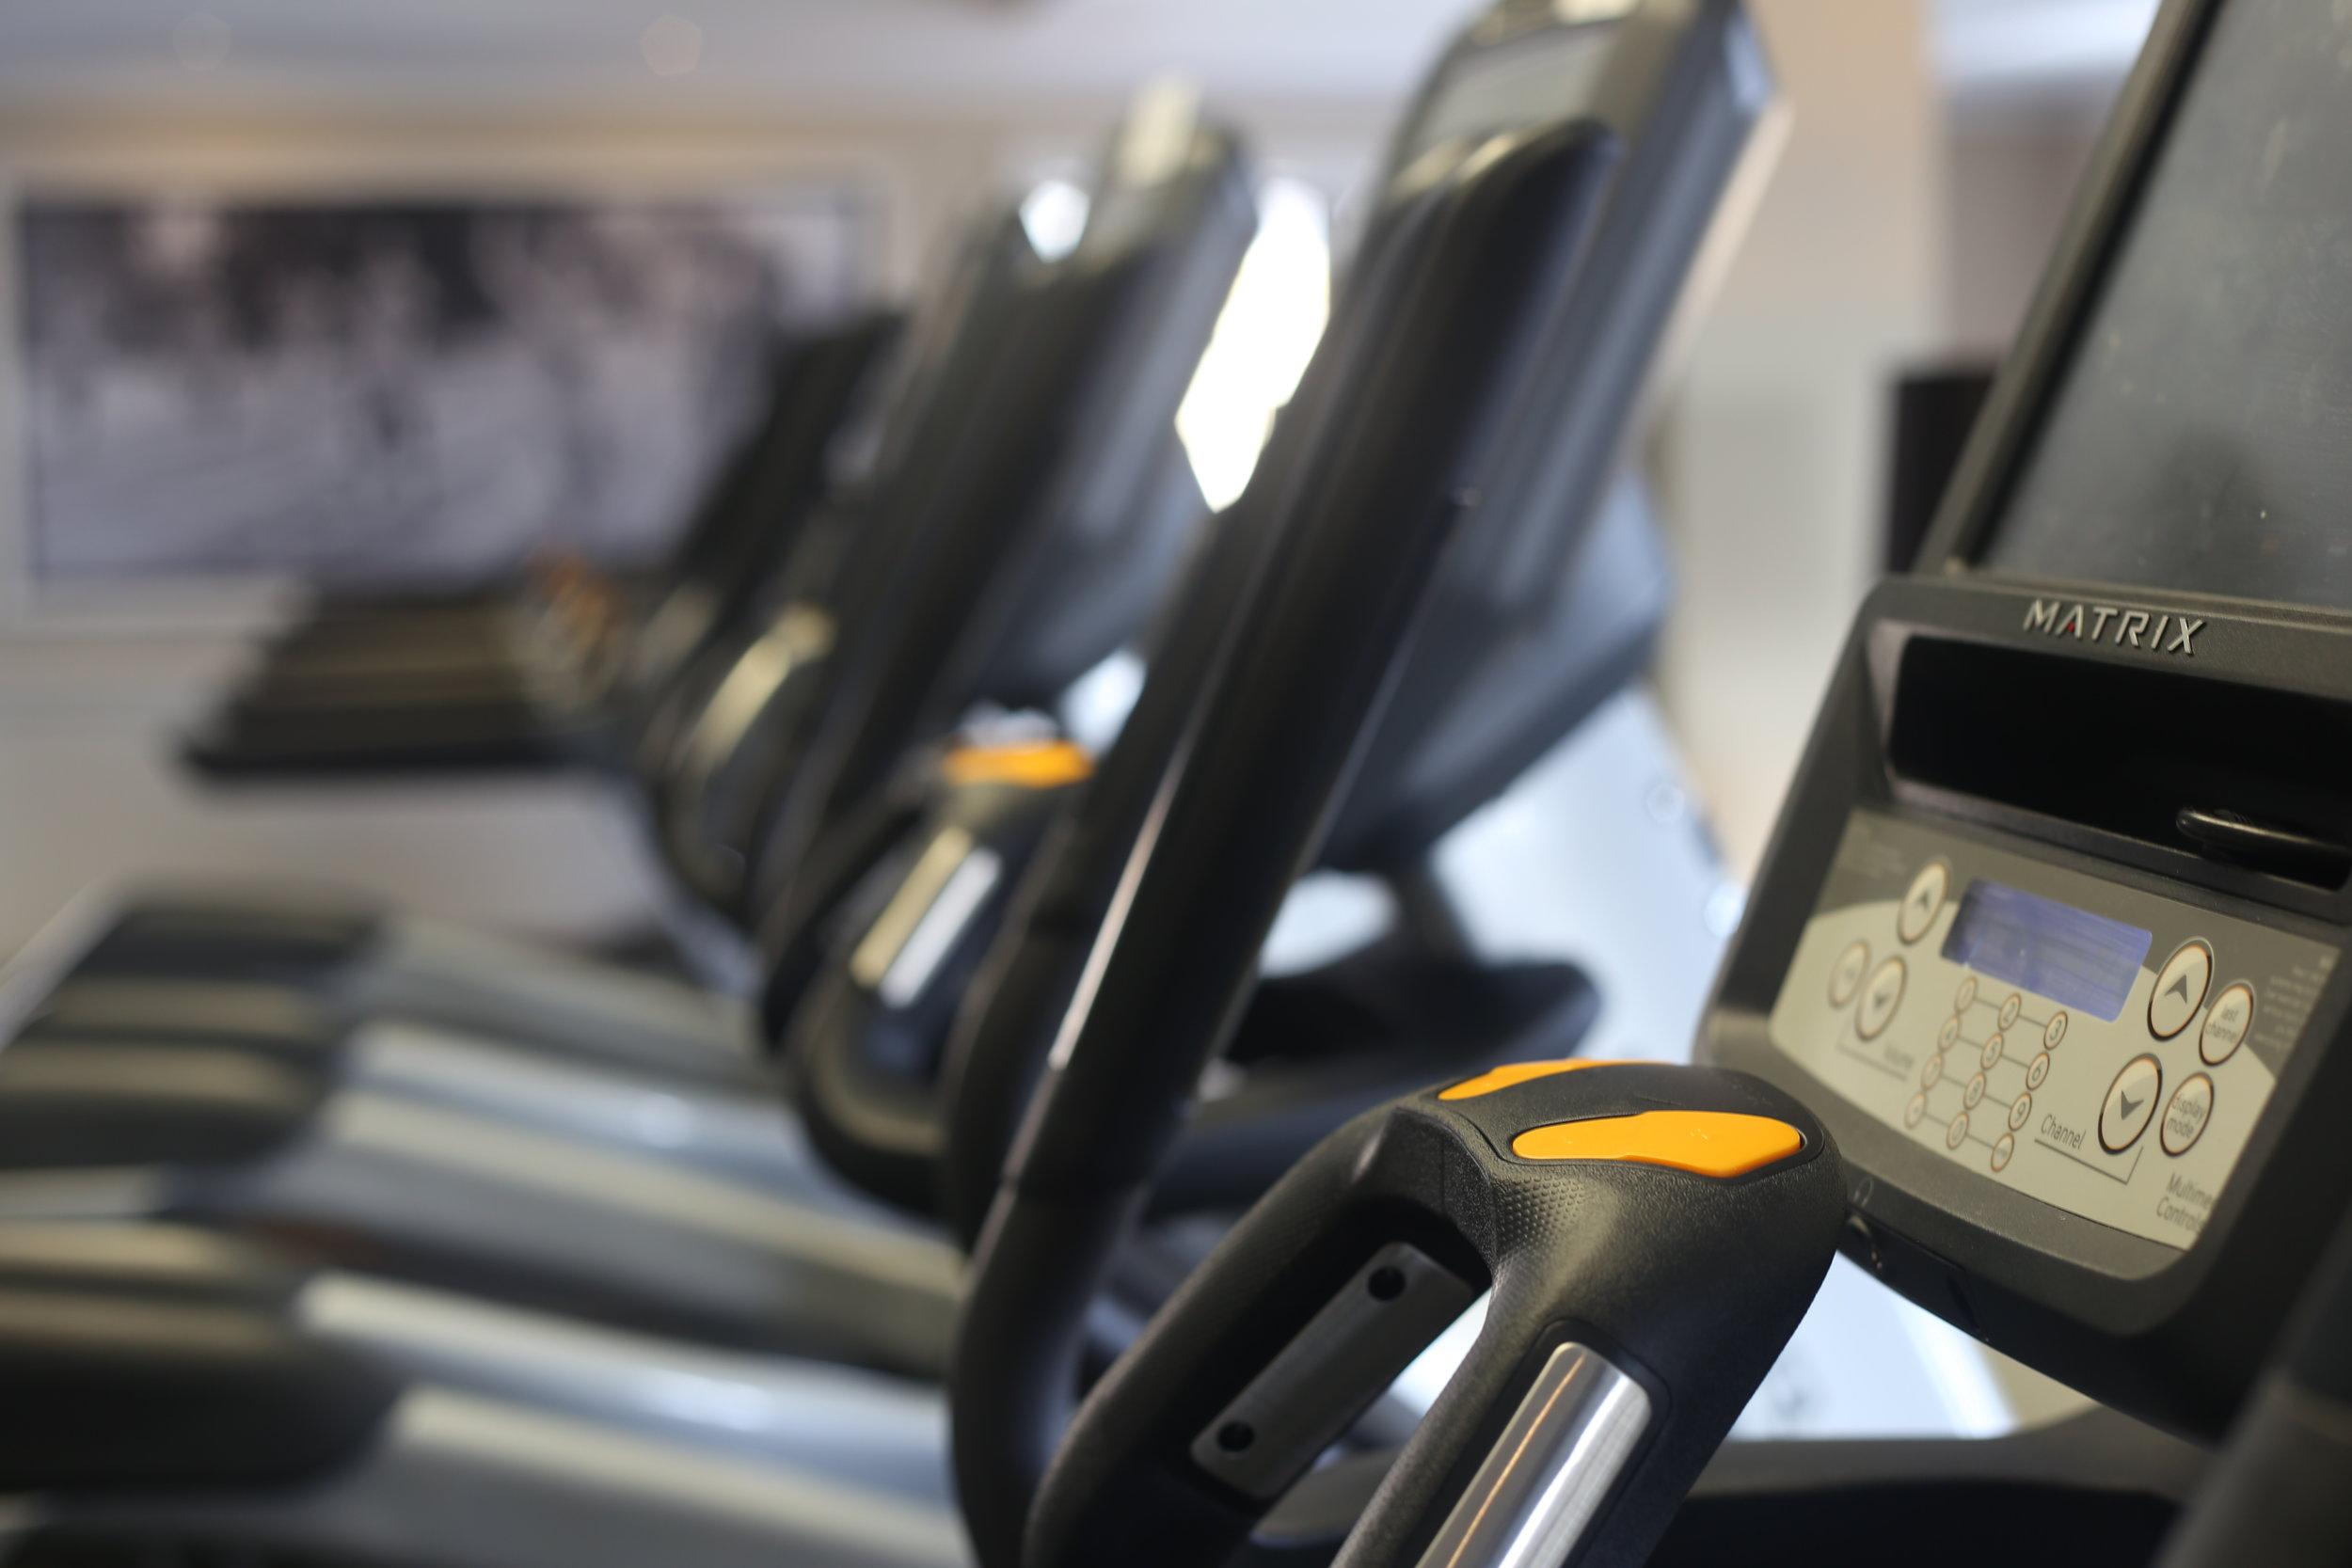 Uclub Fitness Room